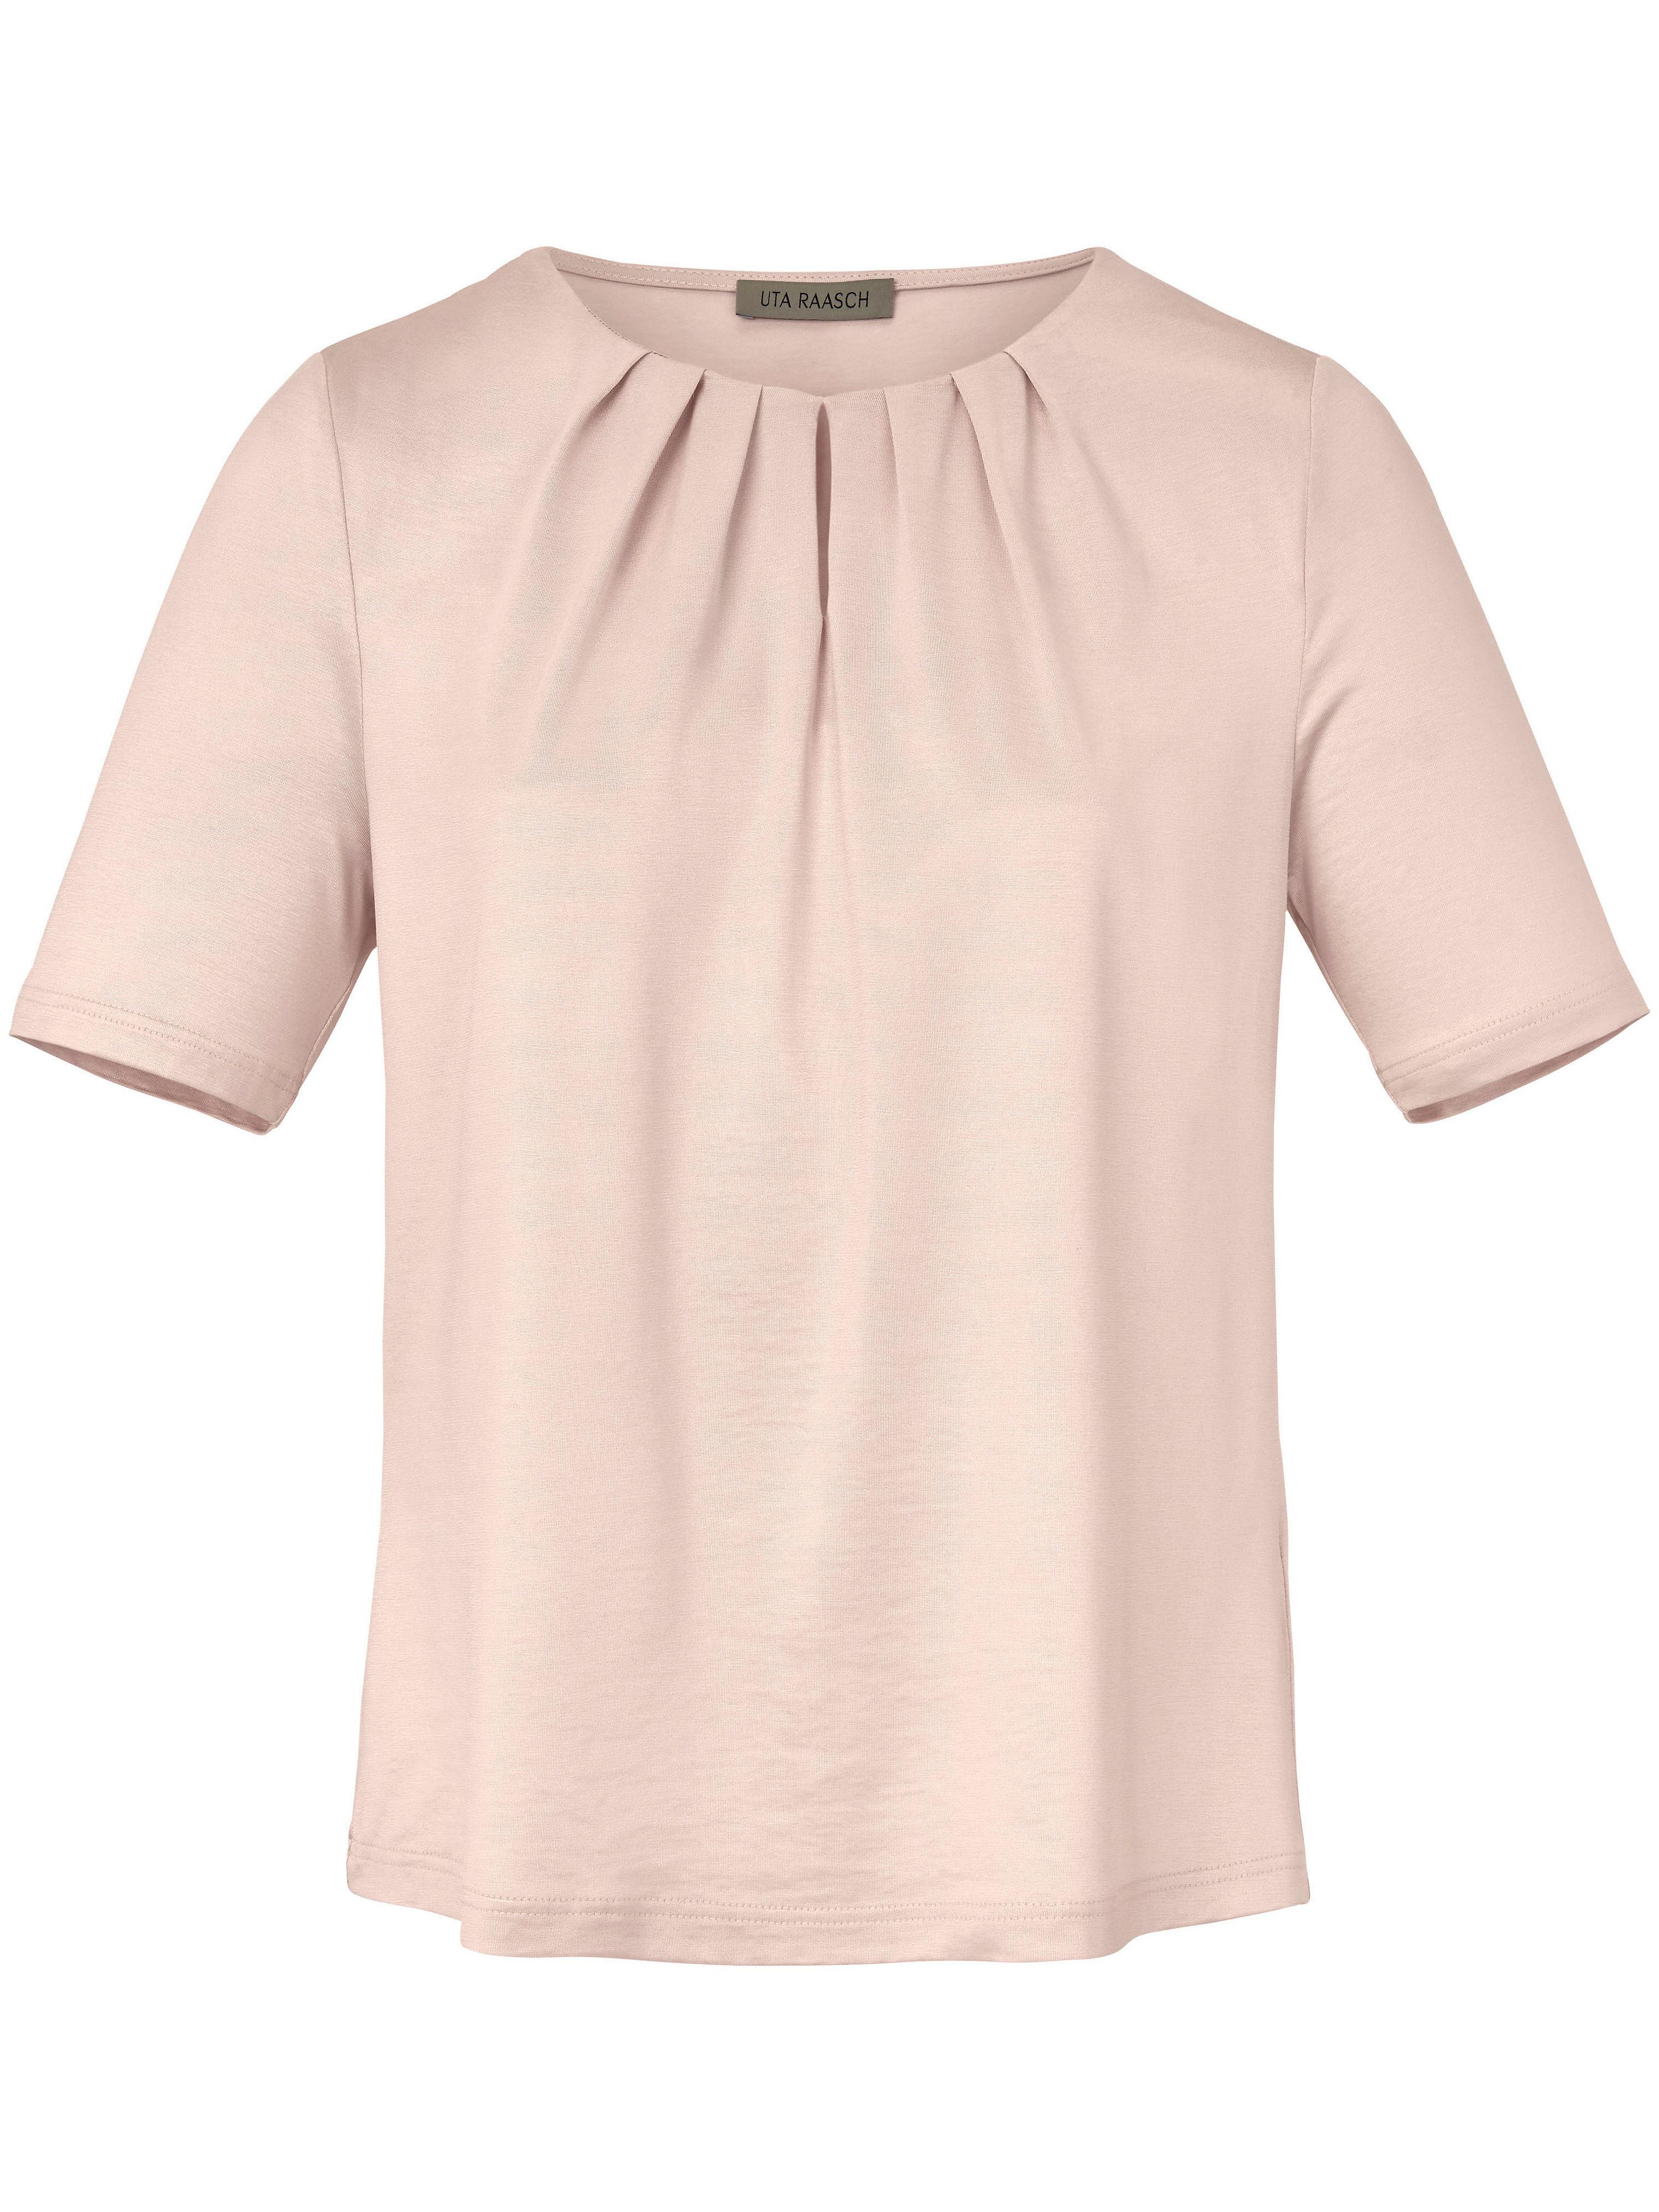 Image of   Bluse 1/2 arm Fra Uta Raasch rosé